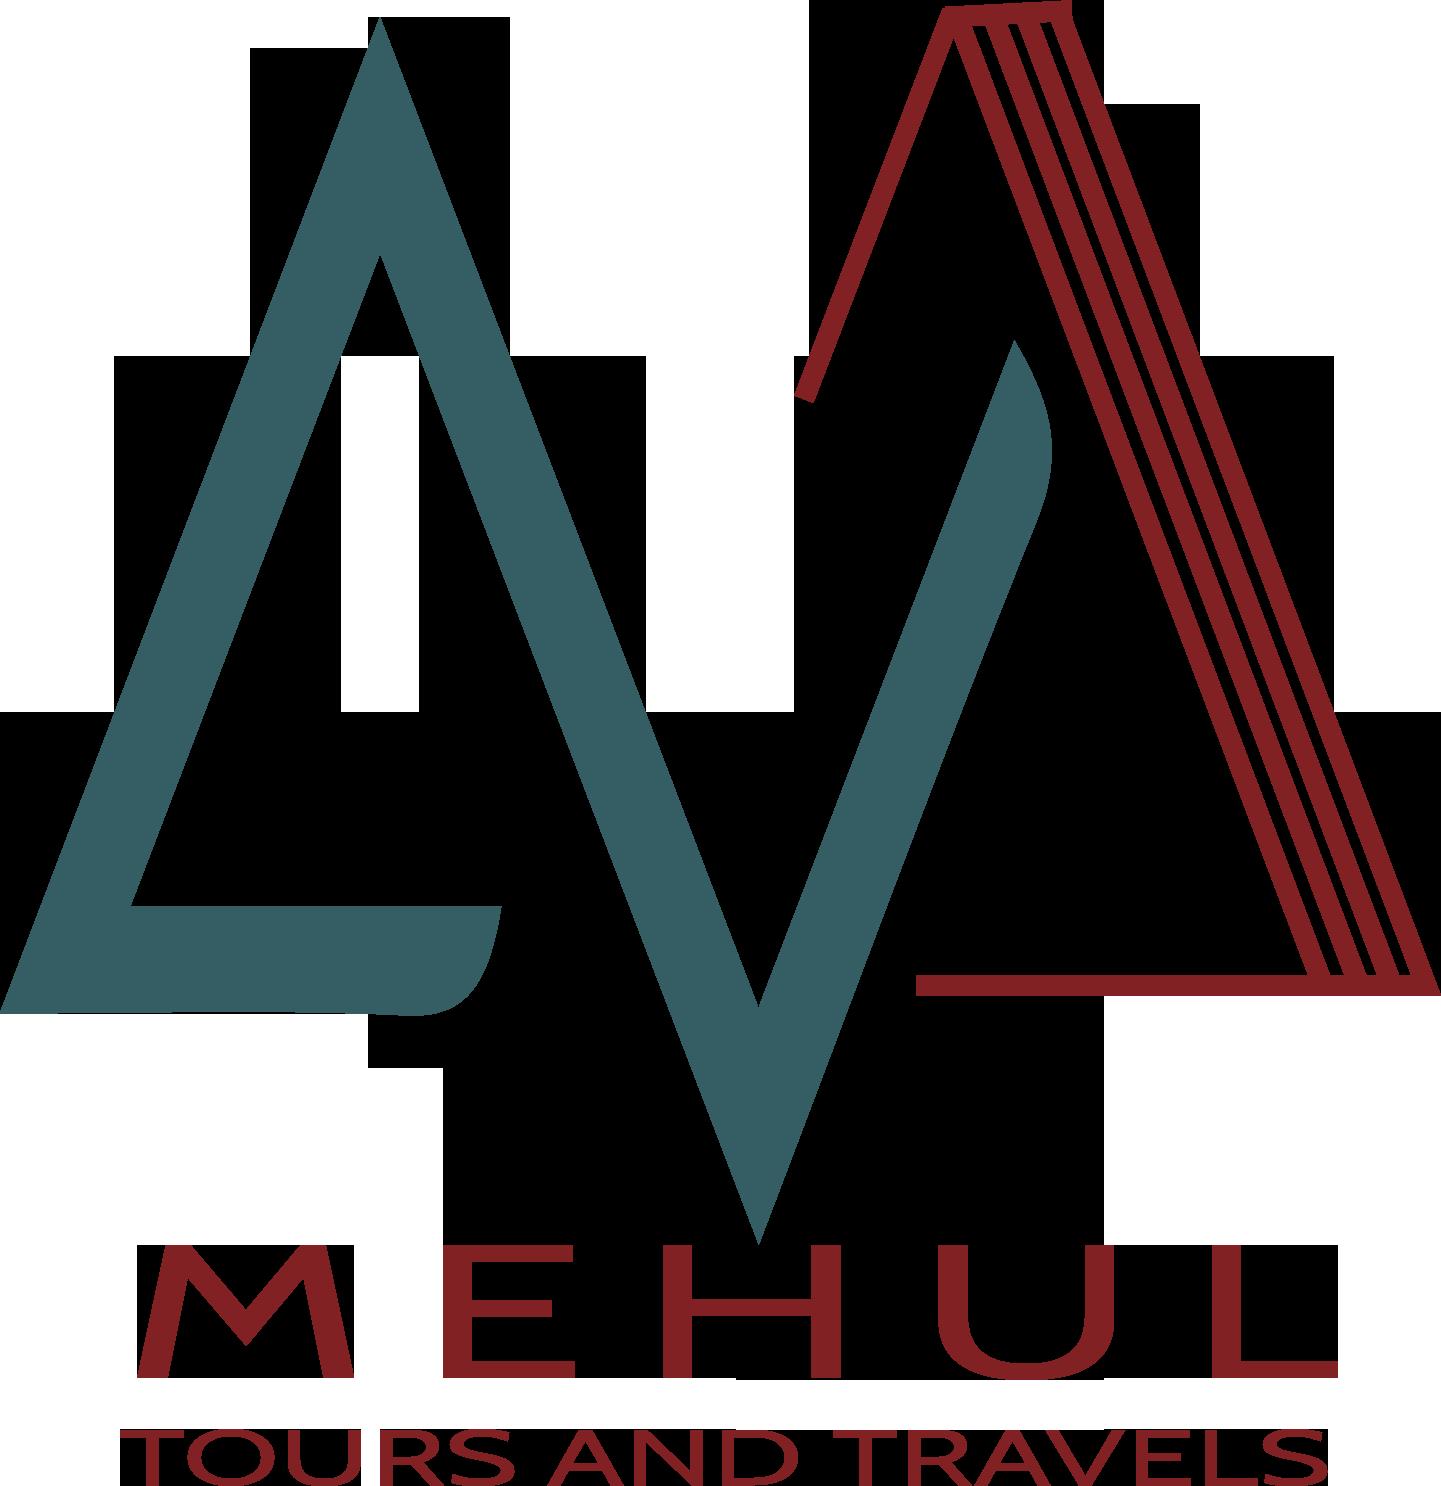 logo-mehultours.com/7rcreation.com